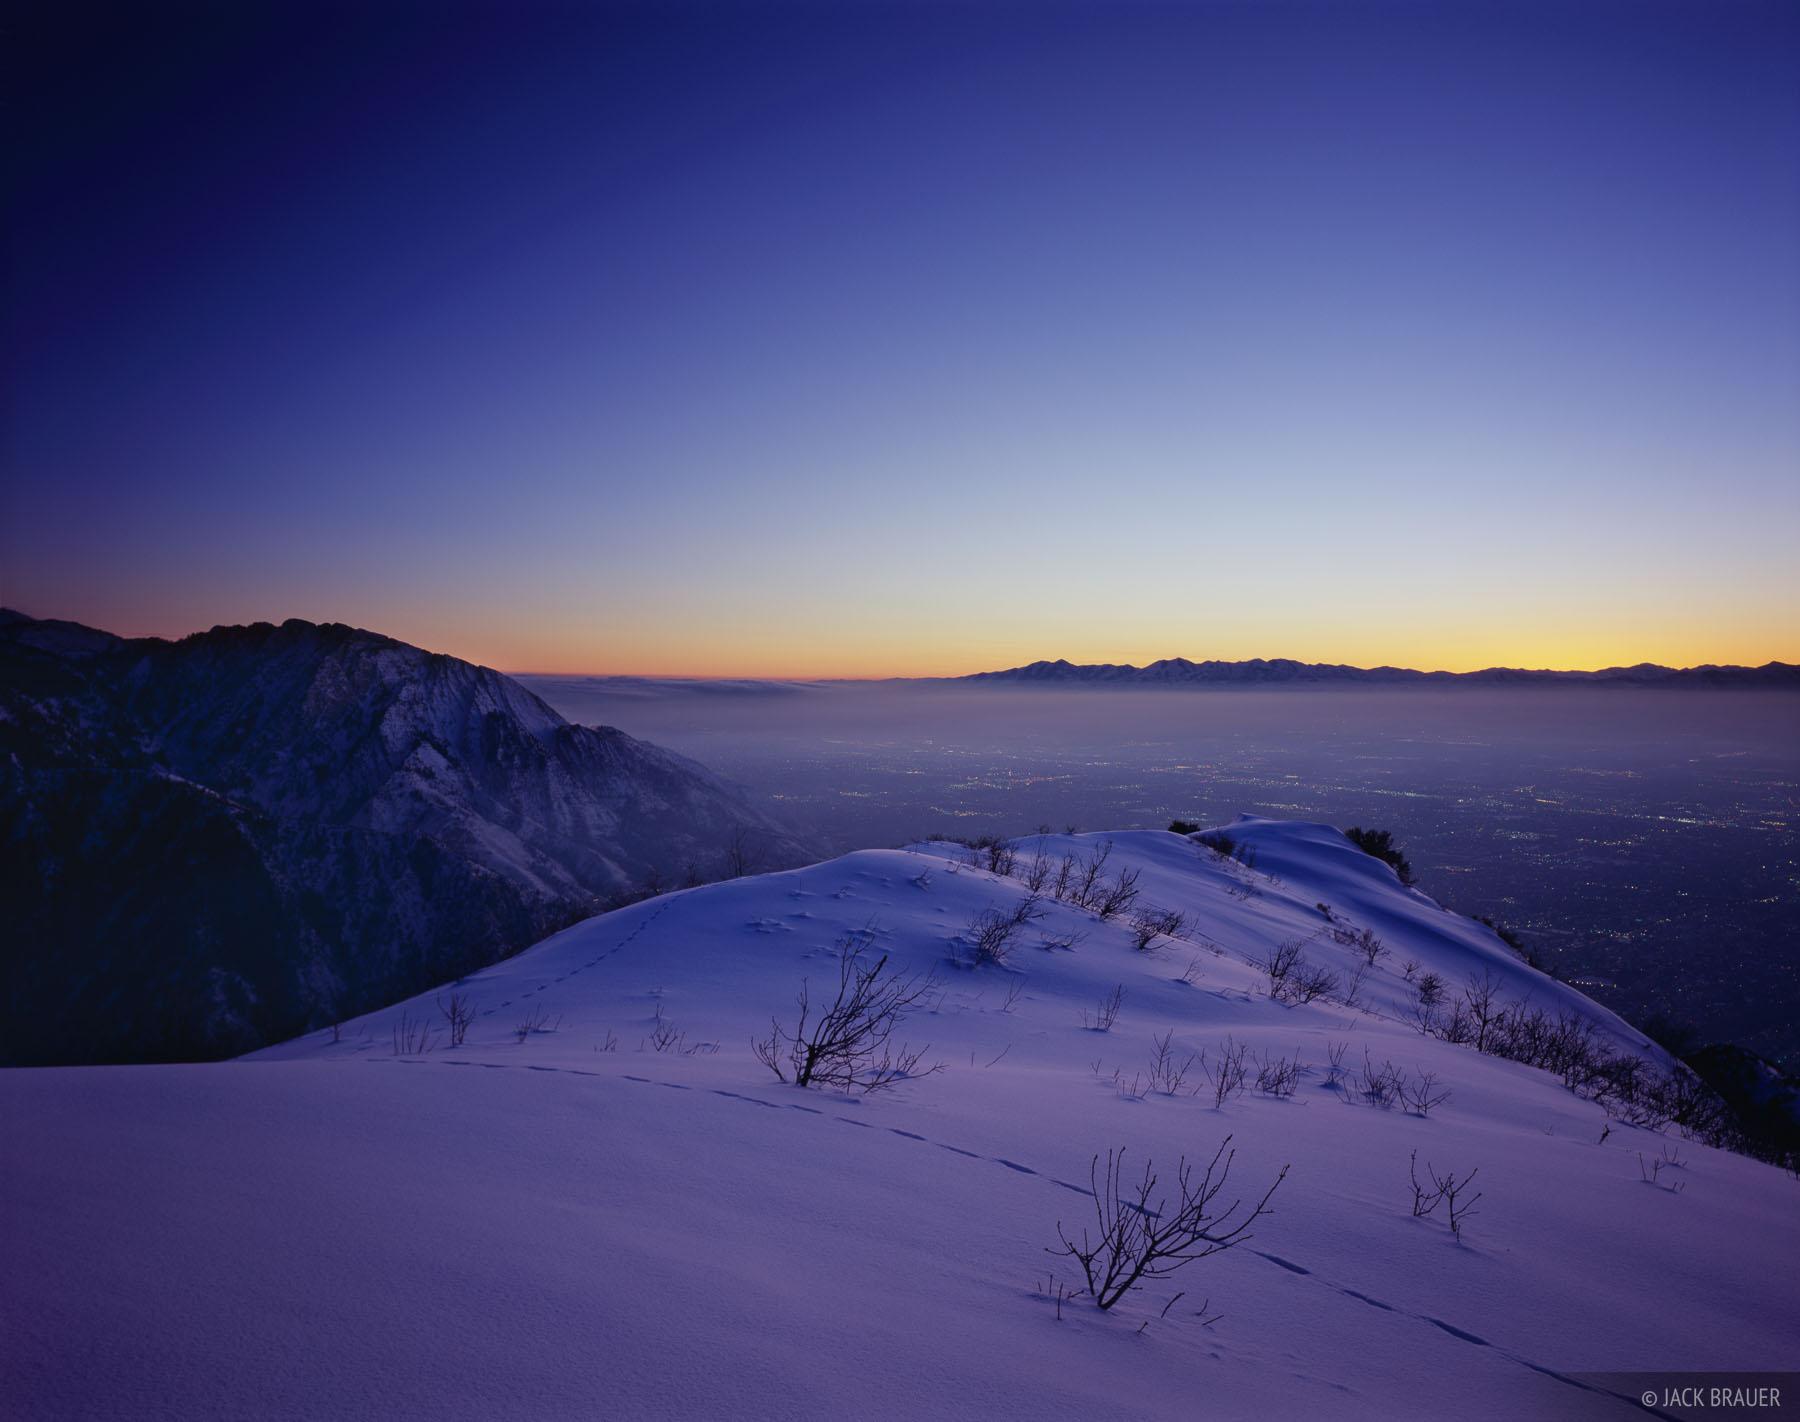 Mount Olympus, Grandeur Peak, Salt Lake City, Wasatch Range, Utah, photo